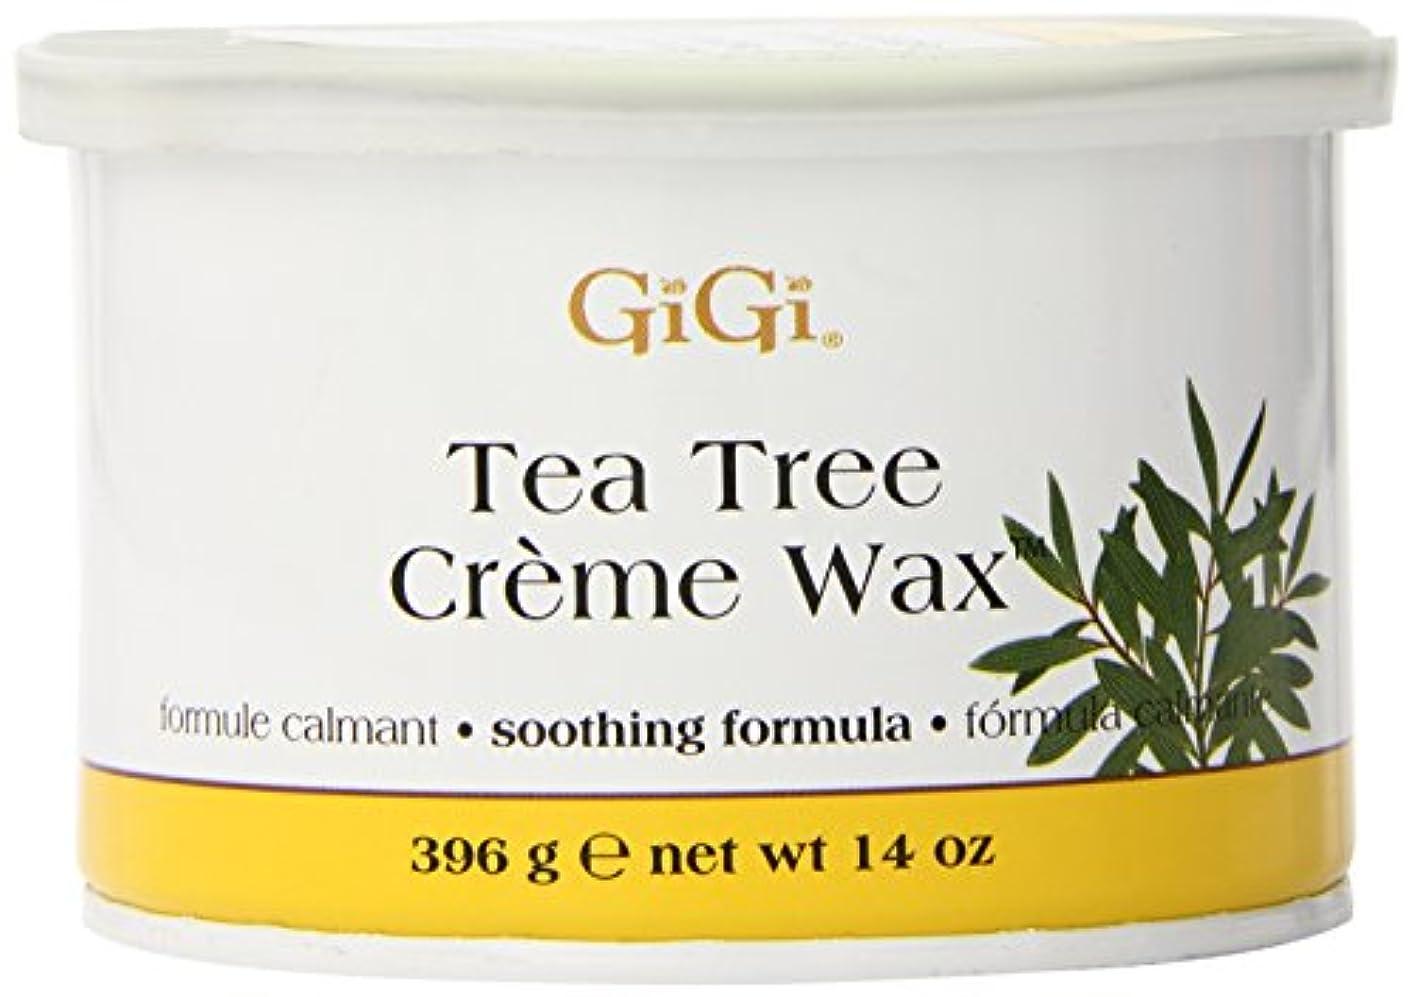 ボウル世界記録のギネスブックコンピューターGiGi Tea Tree Cream Wax A Soothing Hair Removal Formula 396g